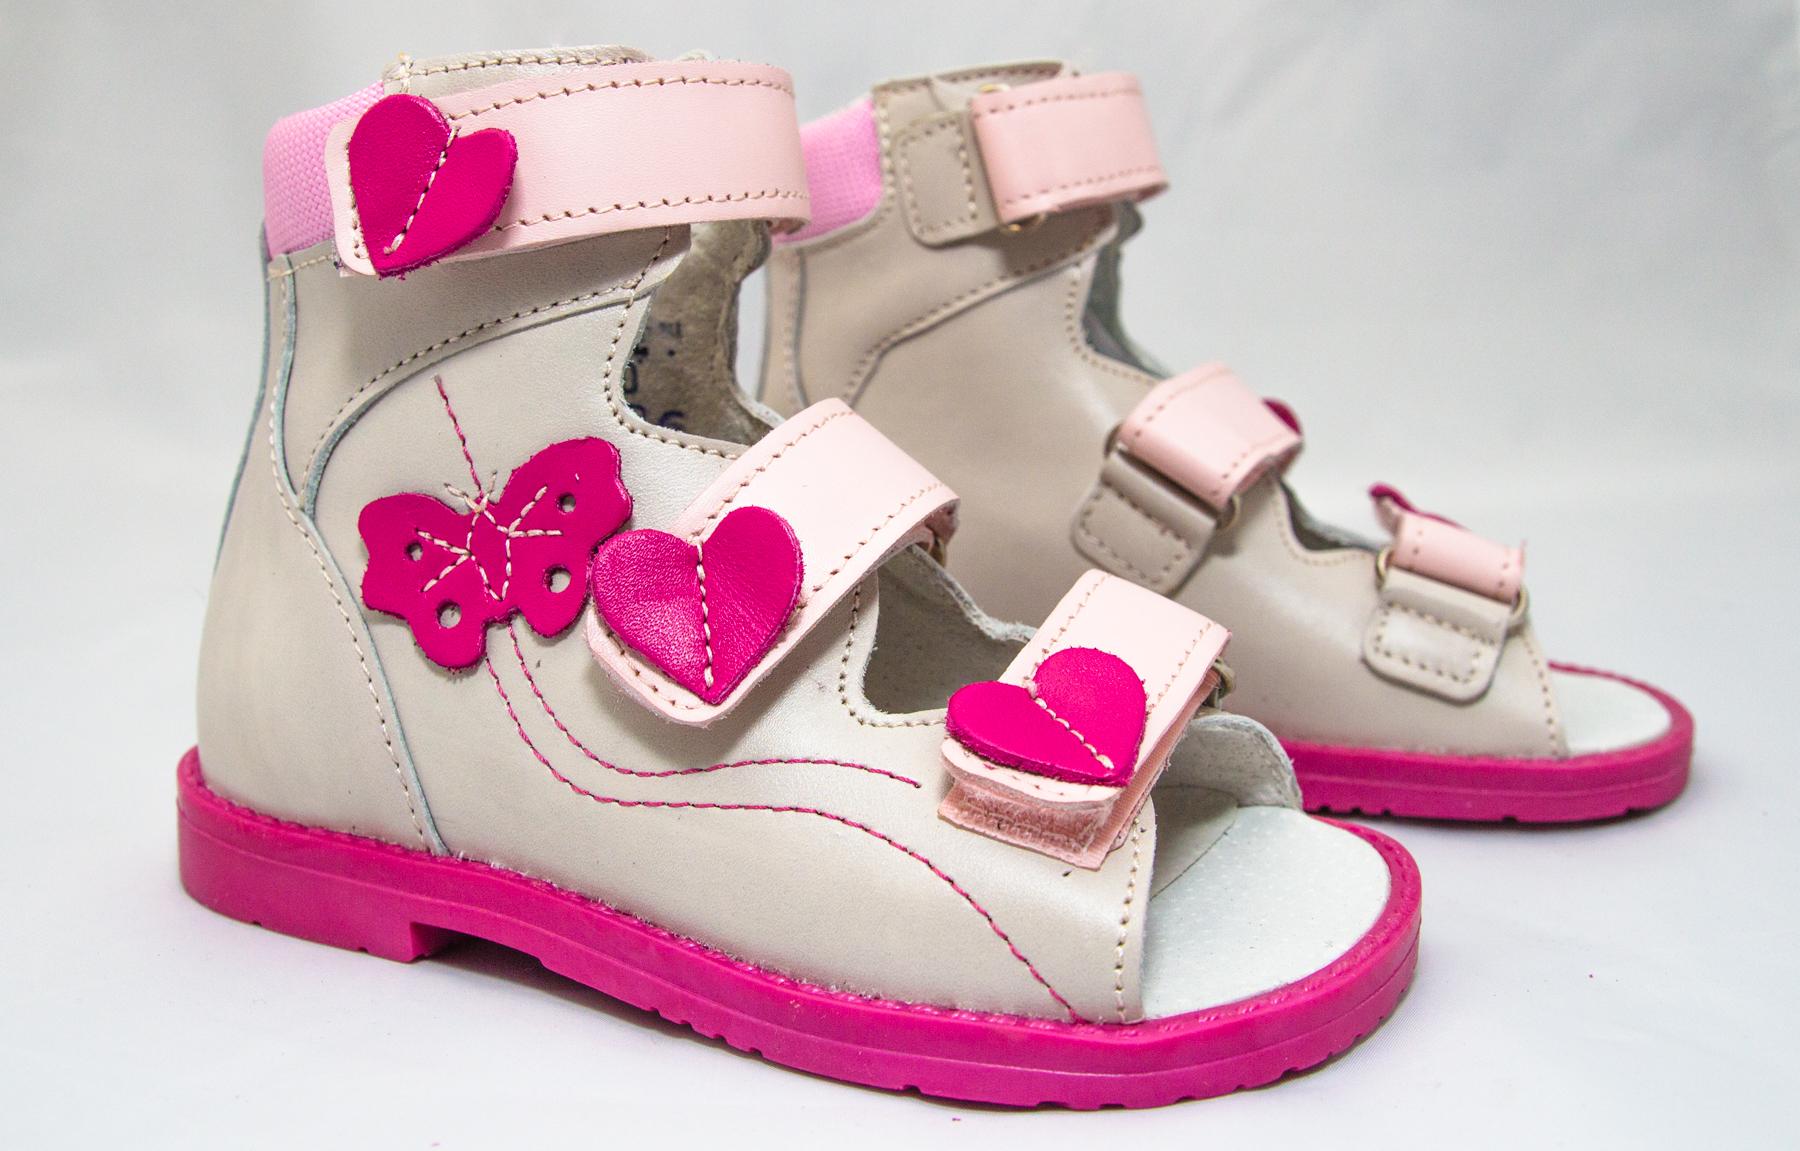 80660849051 Ortopeedilised laste jalanõud kõrge kannaosaga T02 - Invaabi